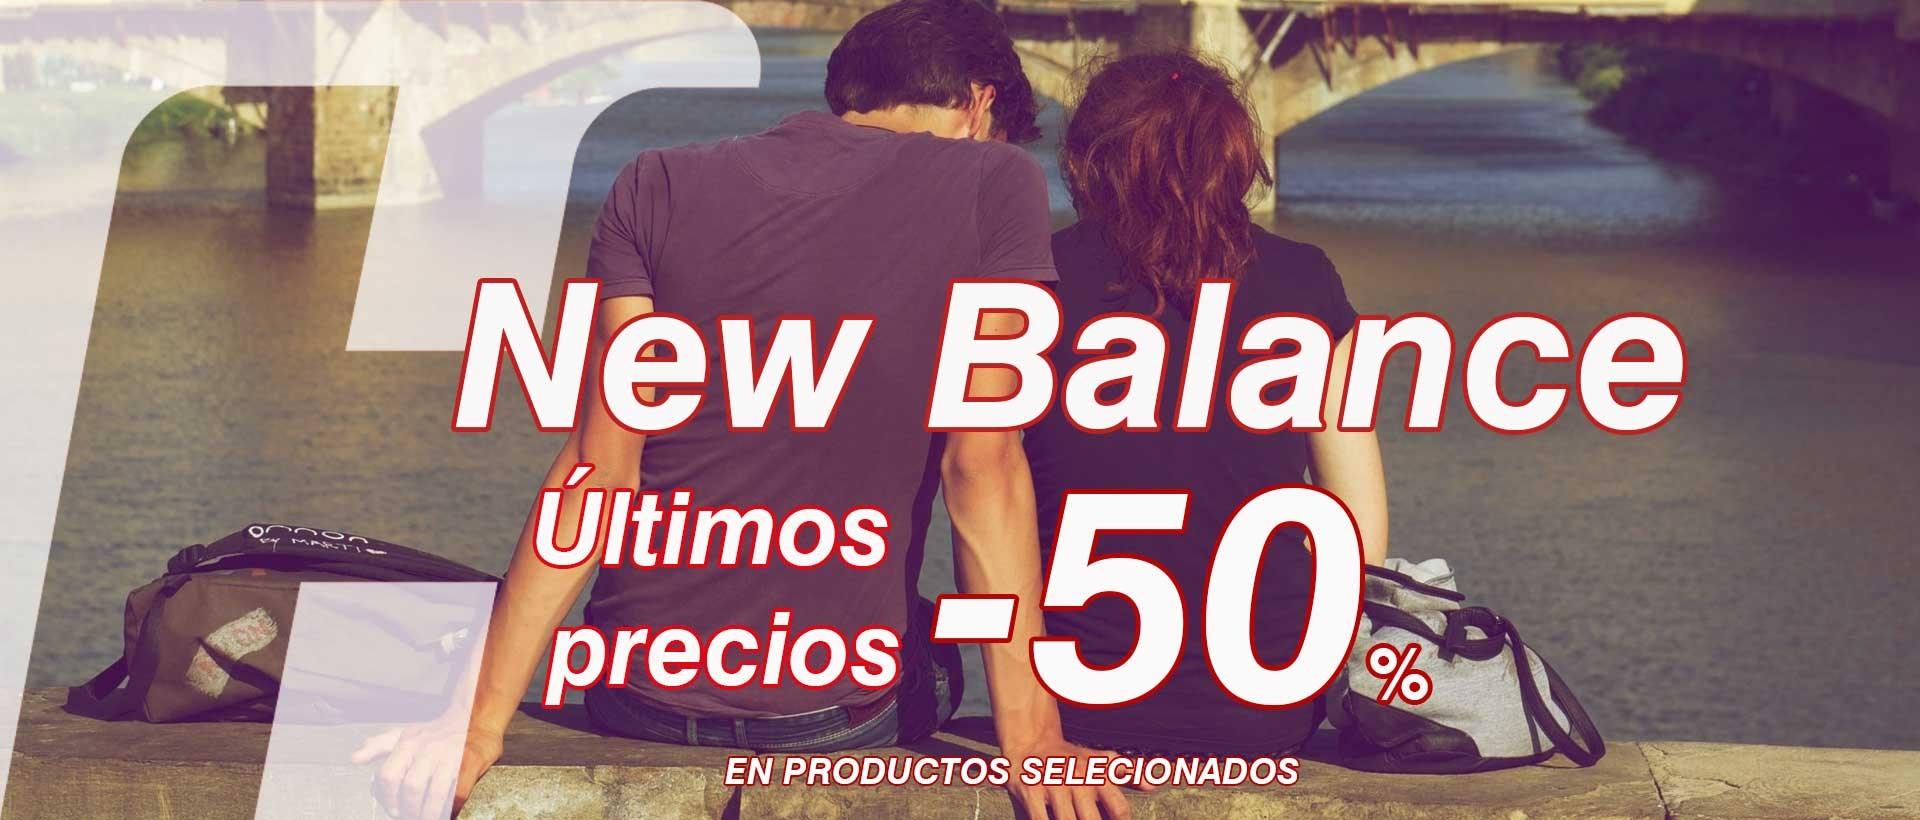 new balance REBAJAS